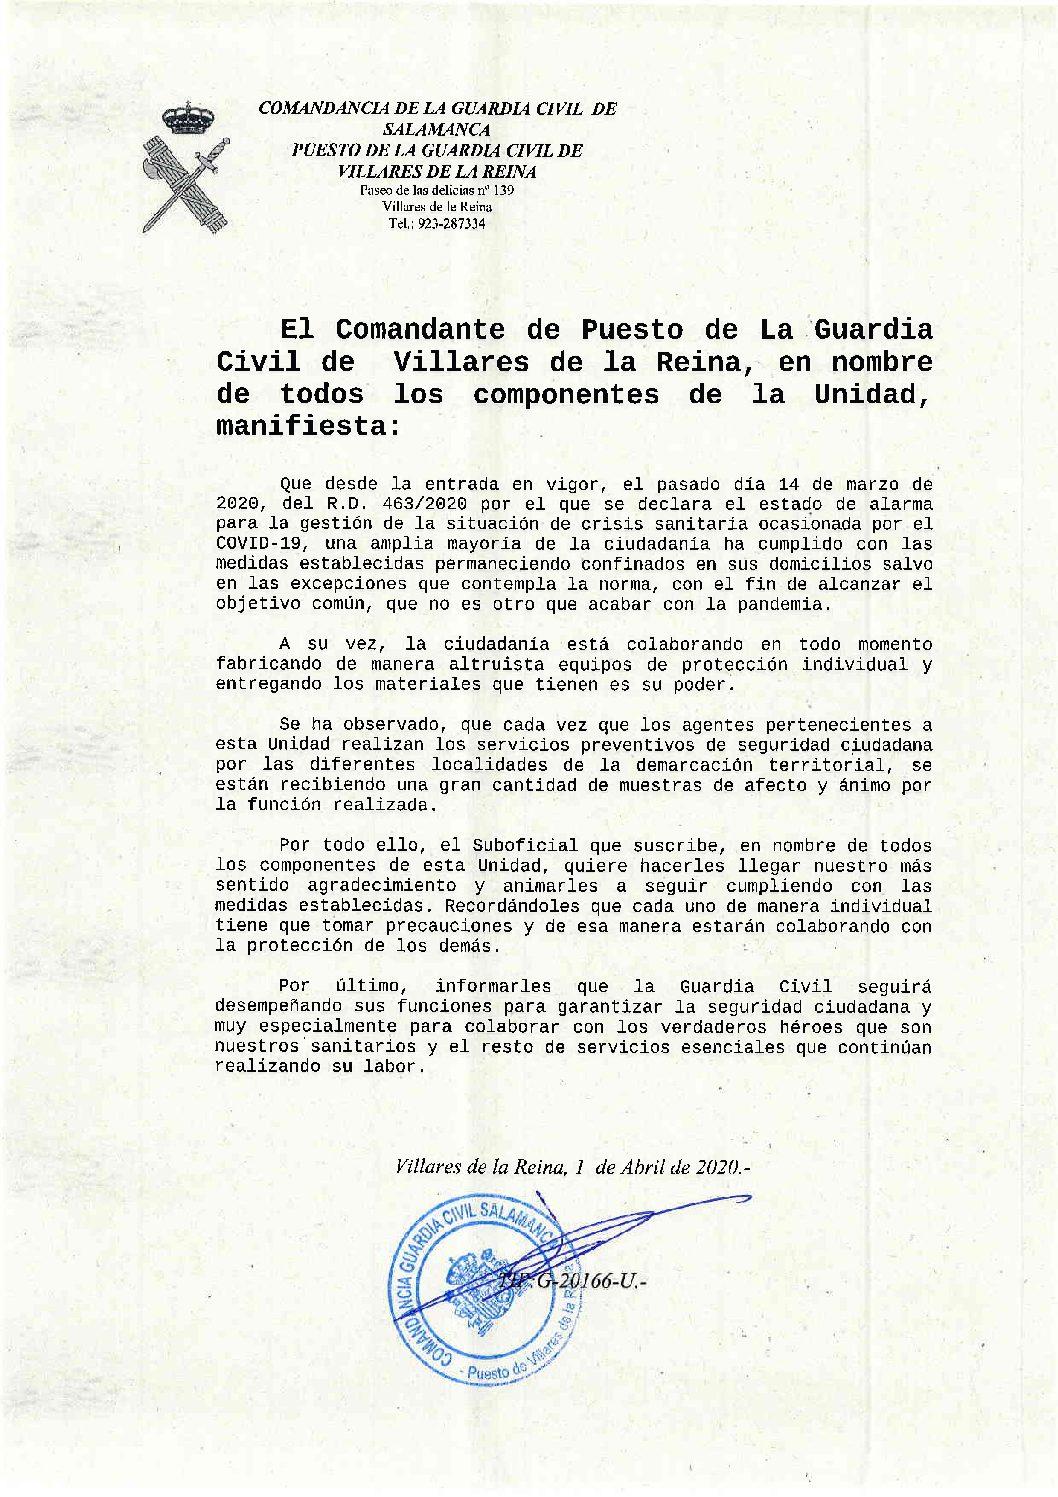 Agradecimiento de la Guardia Civil a la ciudadanía